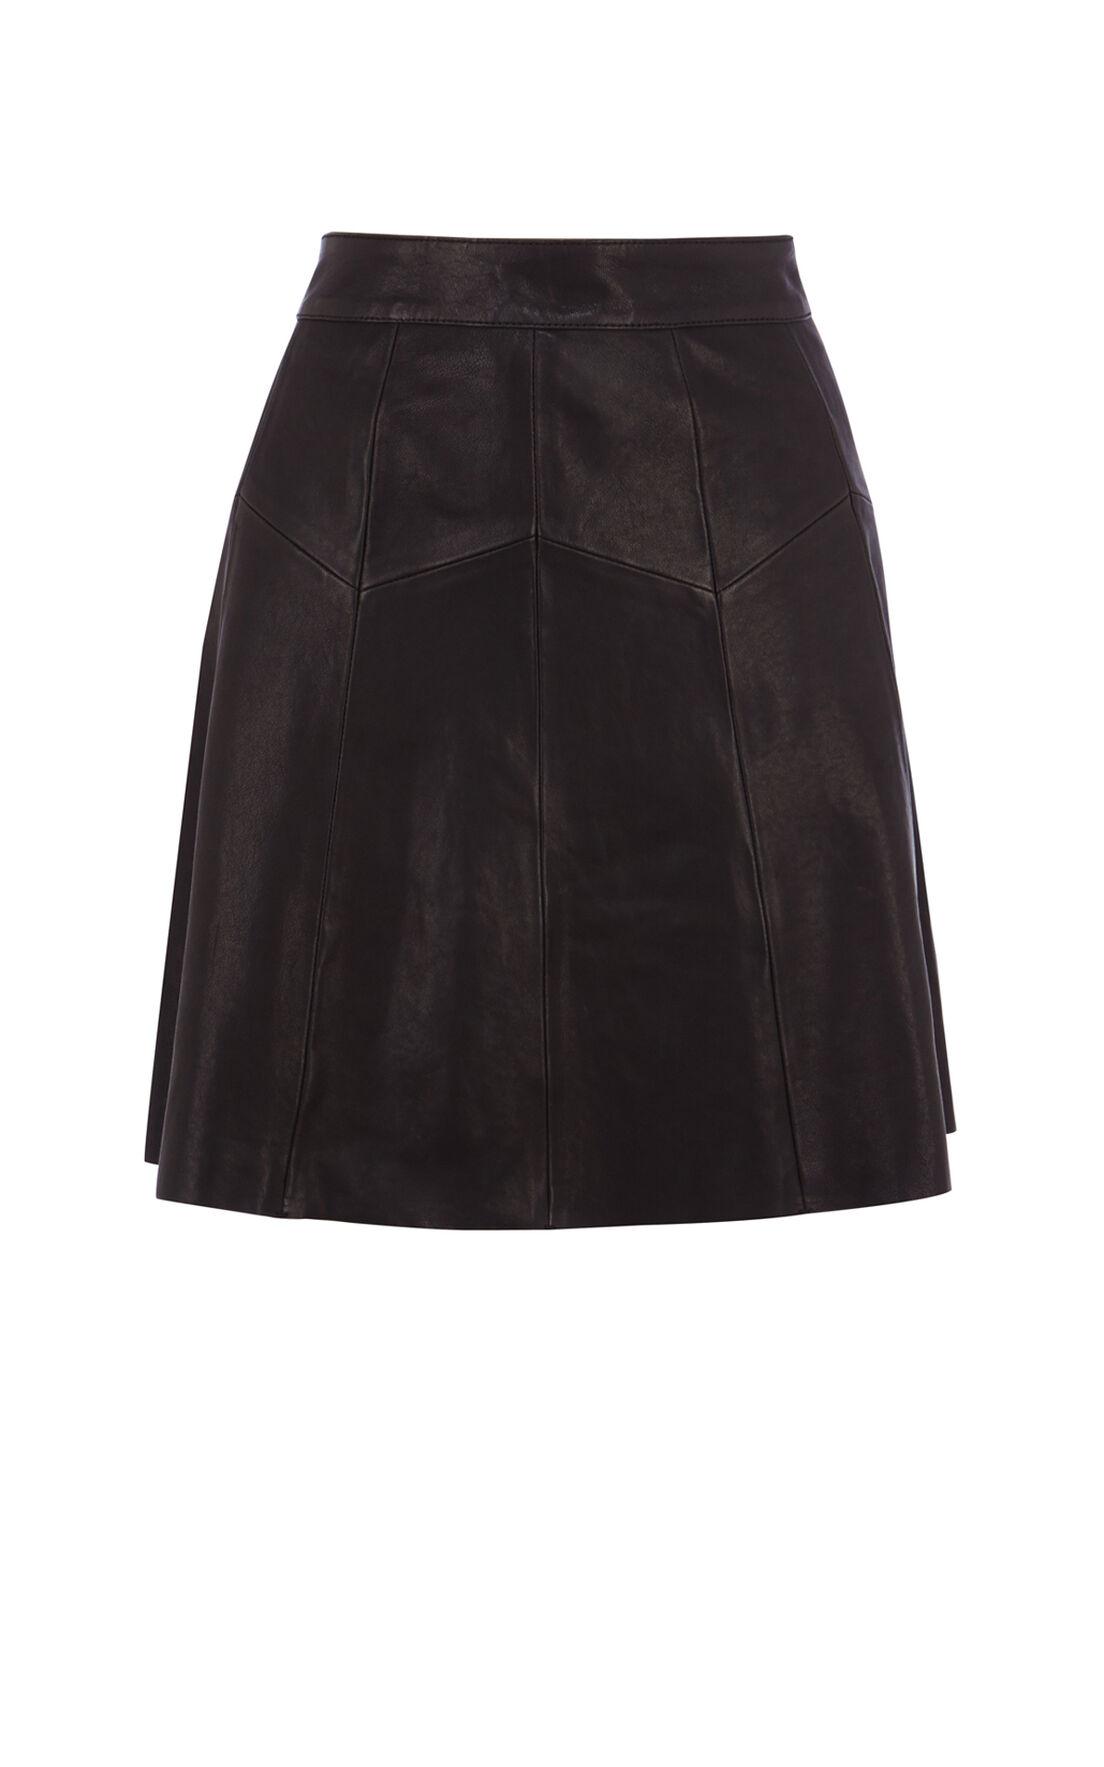 Karen Millen, Soft Leather Full Skirt Black 0